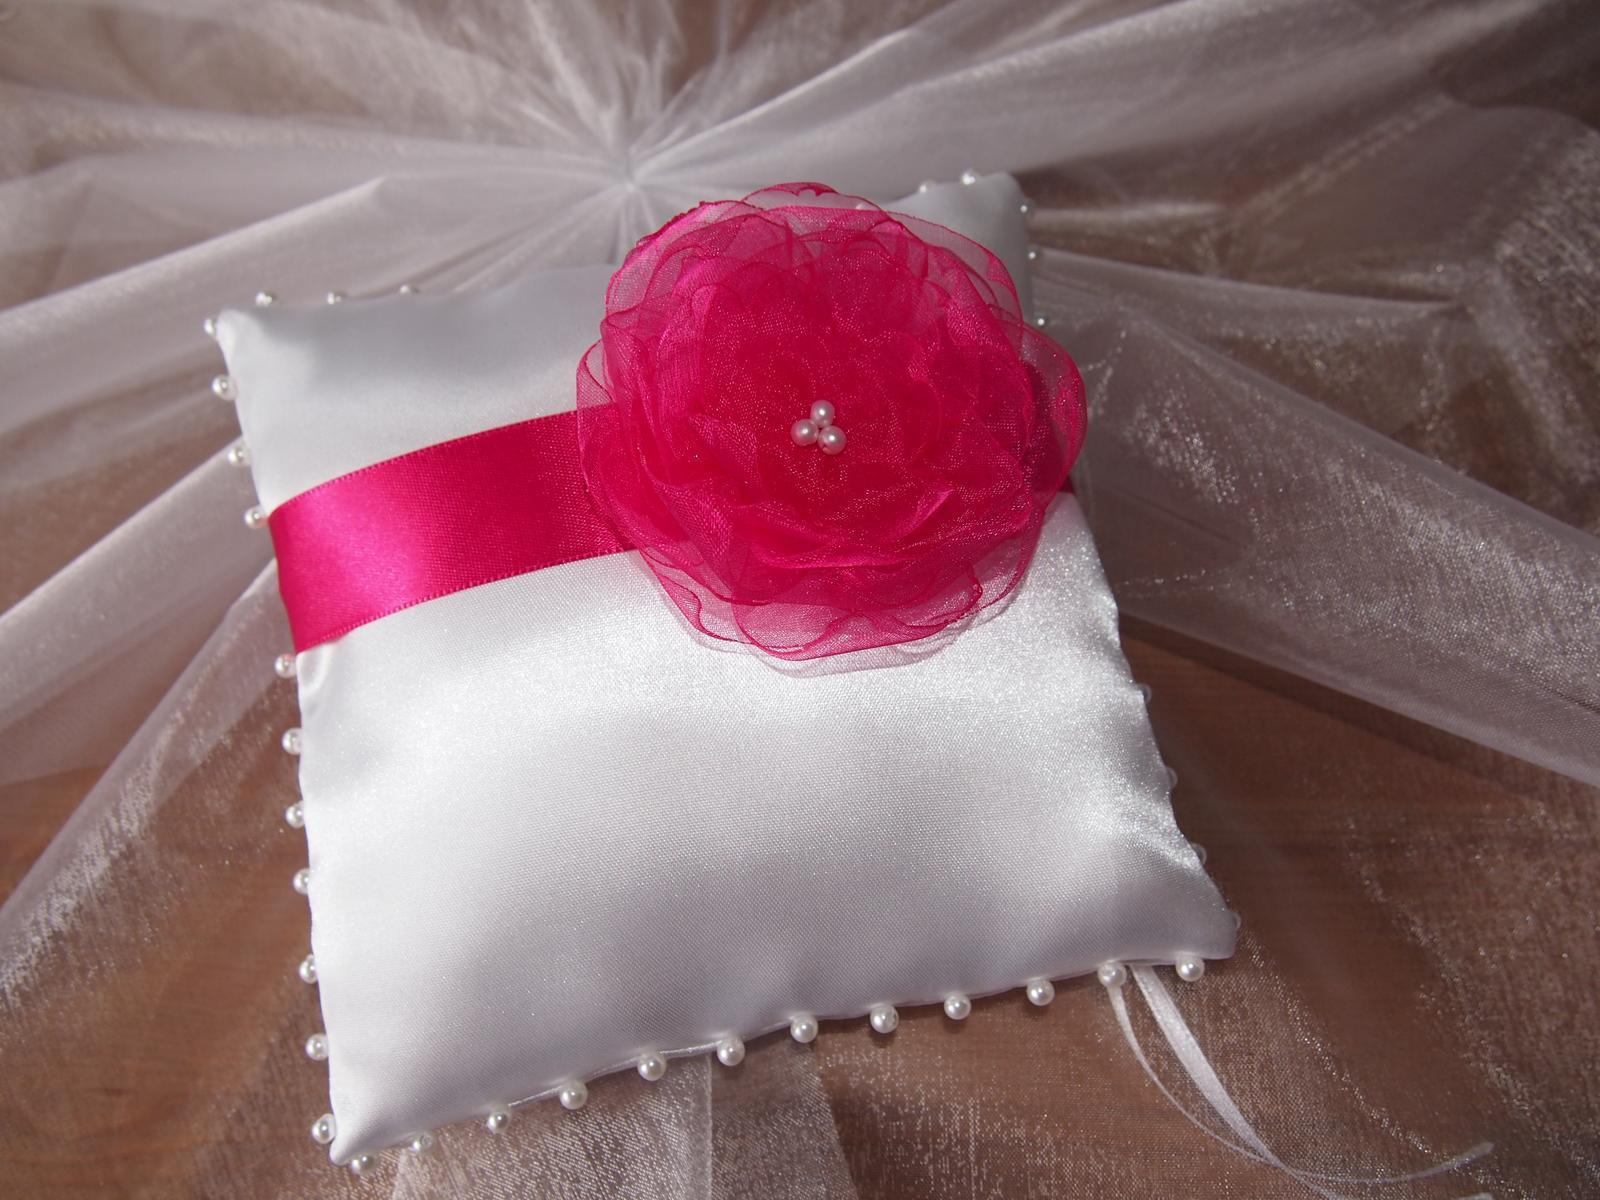 Bílý polštářek pod prstýnky s malinovou květinkou - Obrázek č. 1